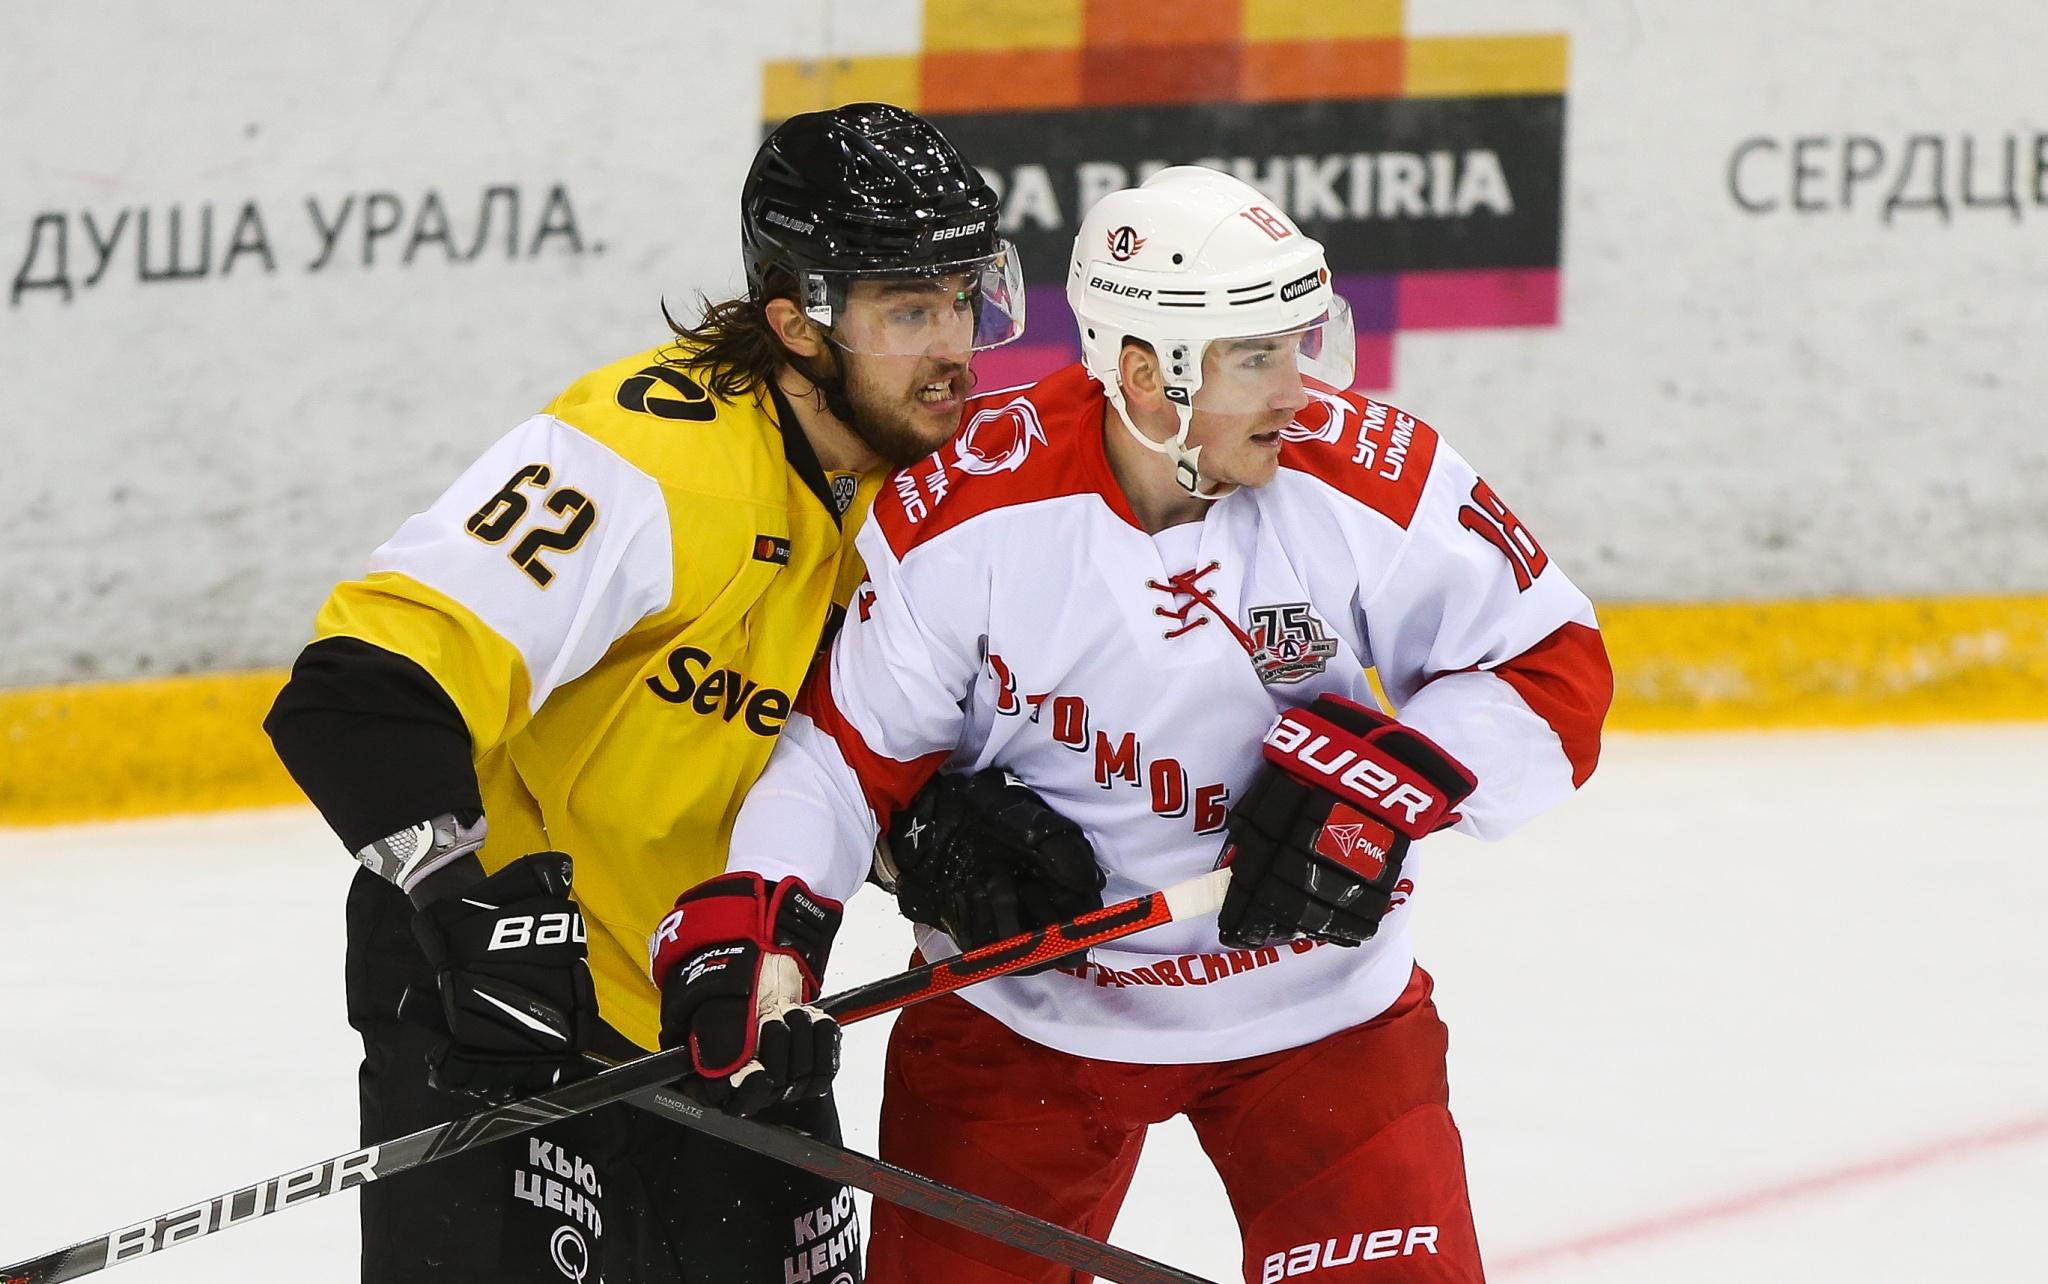 Артем Чмыхов, Георгий Белоусов. Фото: Светлана Садыкова